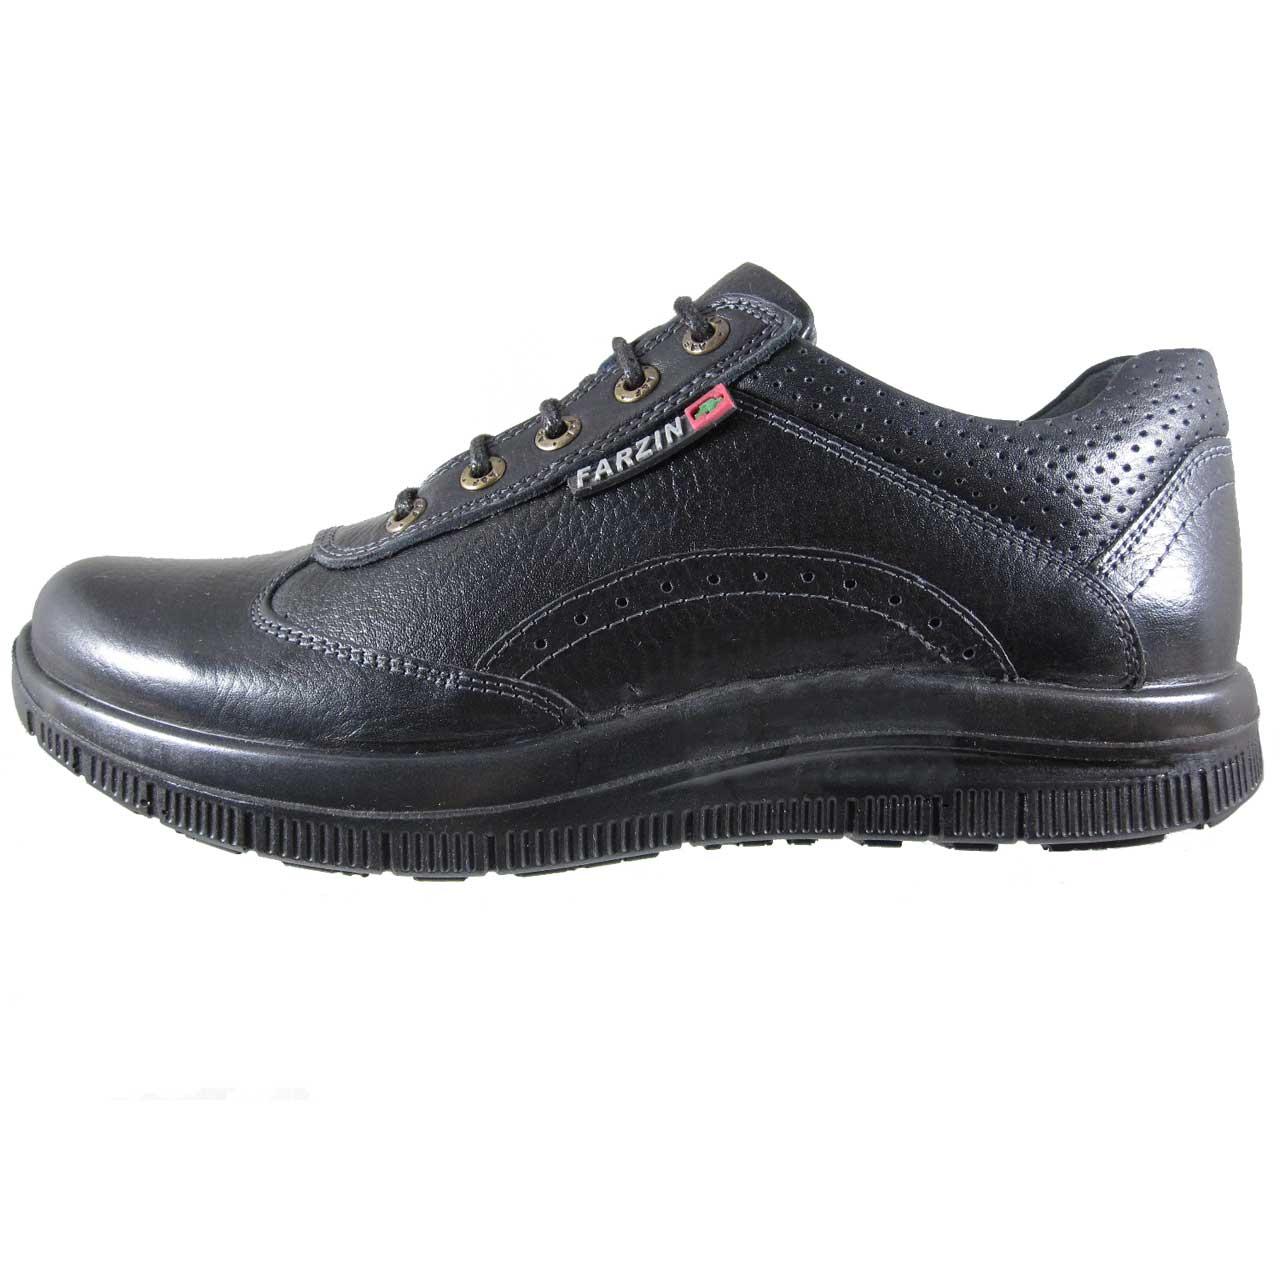 کفش مردانه فرزین مدل Skechers کد 1216